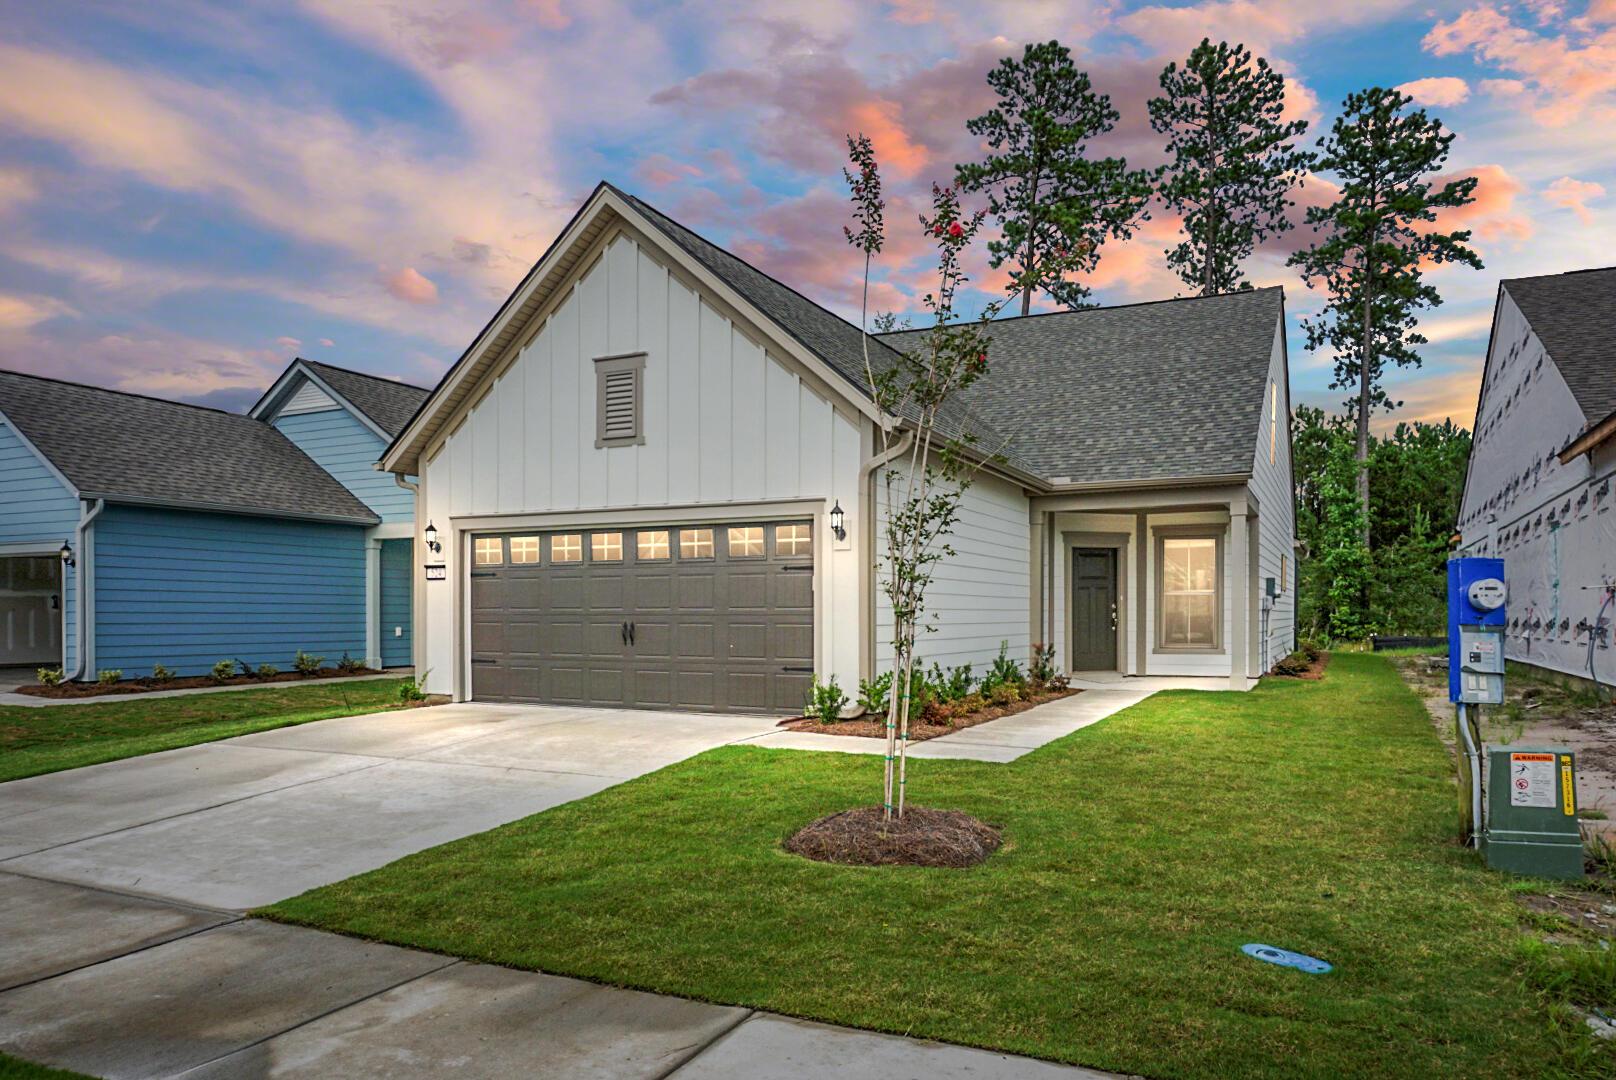 524 Switchgrass Drive Summerville, SC 29486